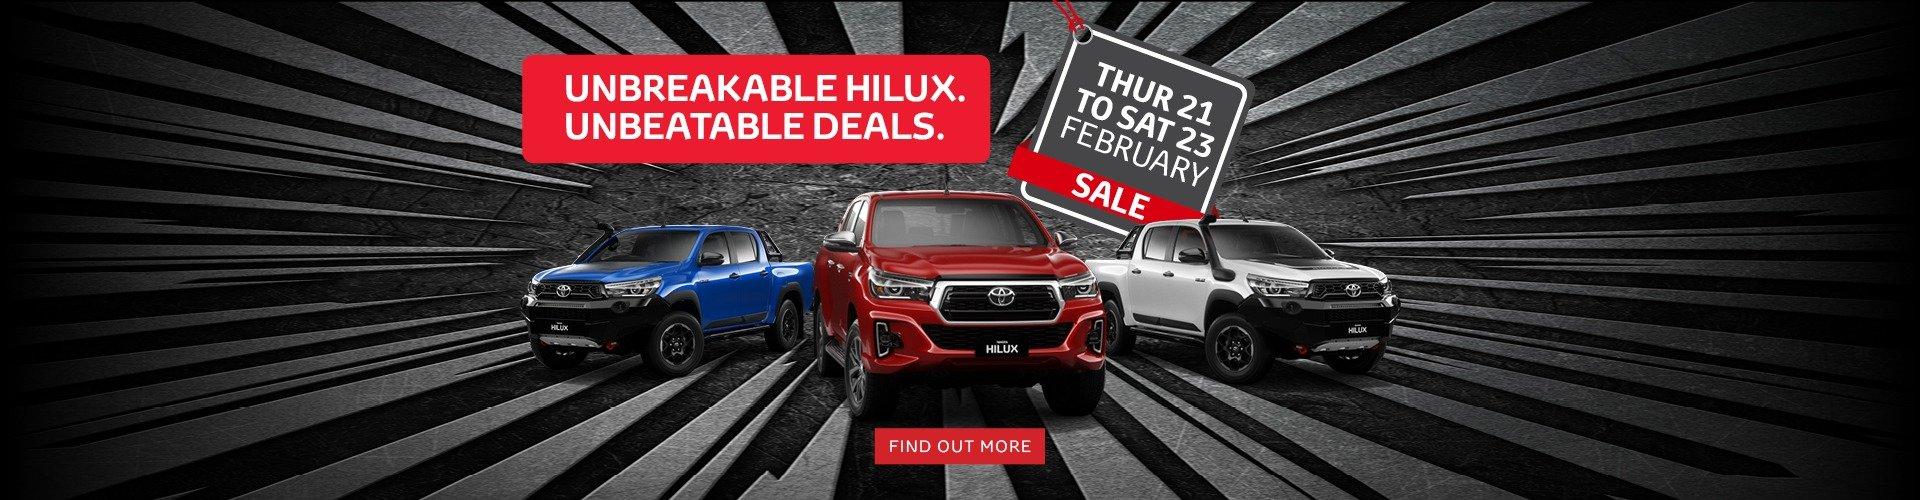 Unbeatable Hilux Deals